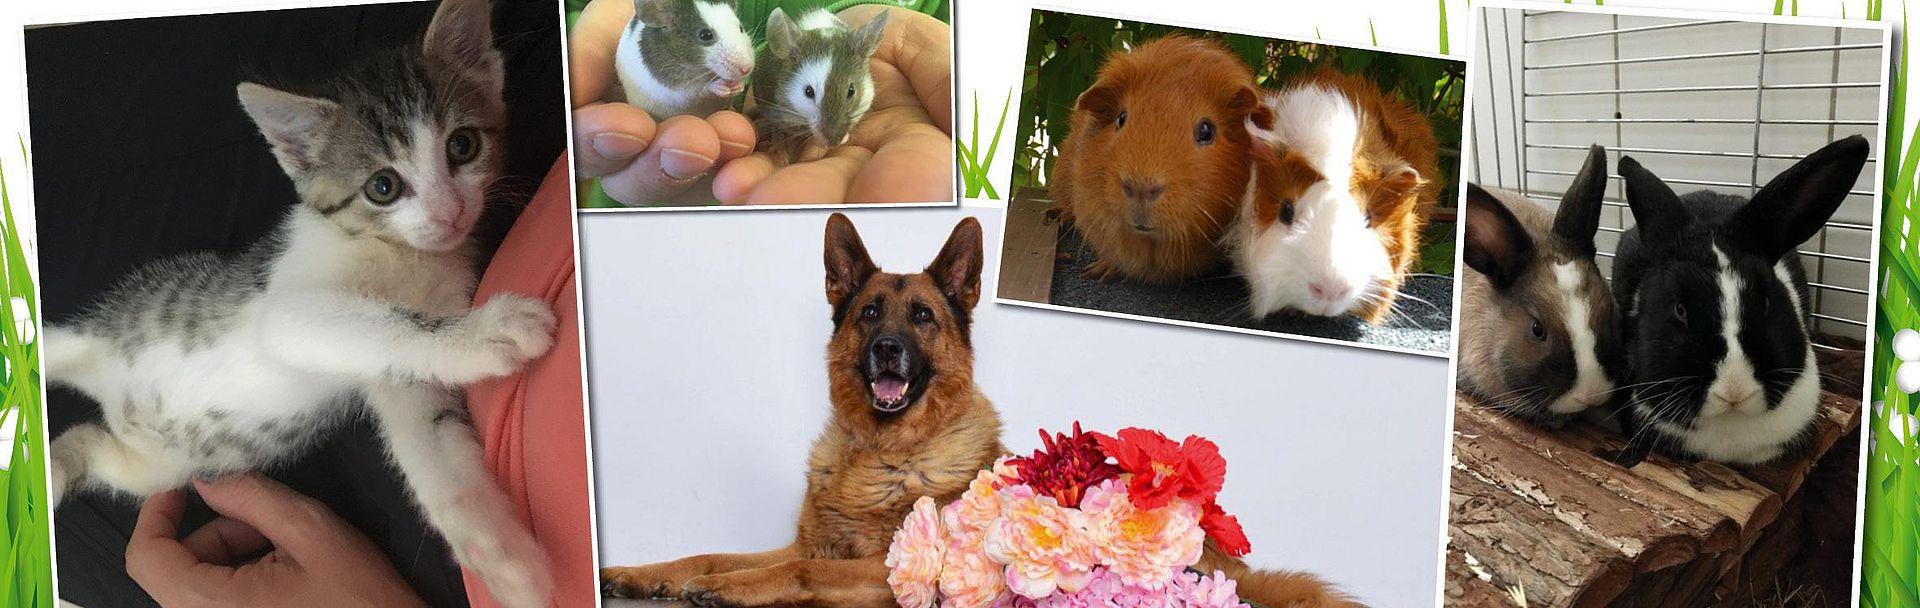 Banner mit Tieren für private Vergabe von Haustieren